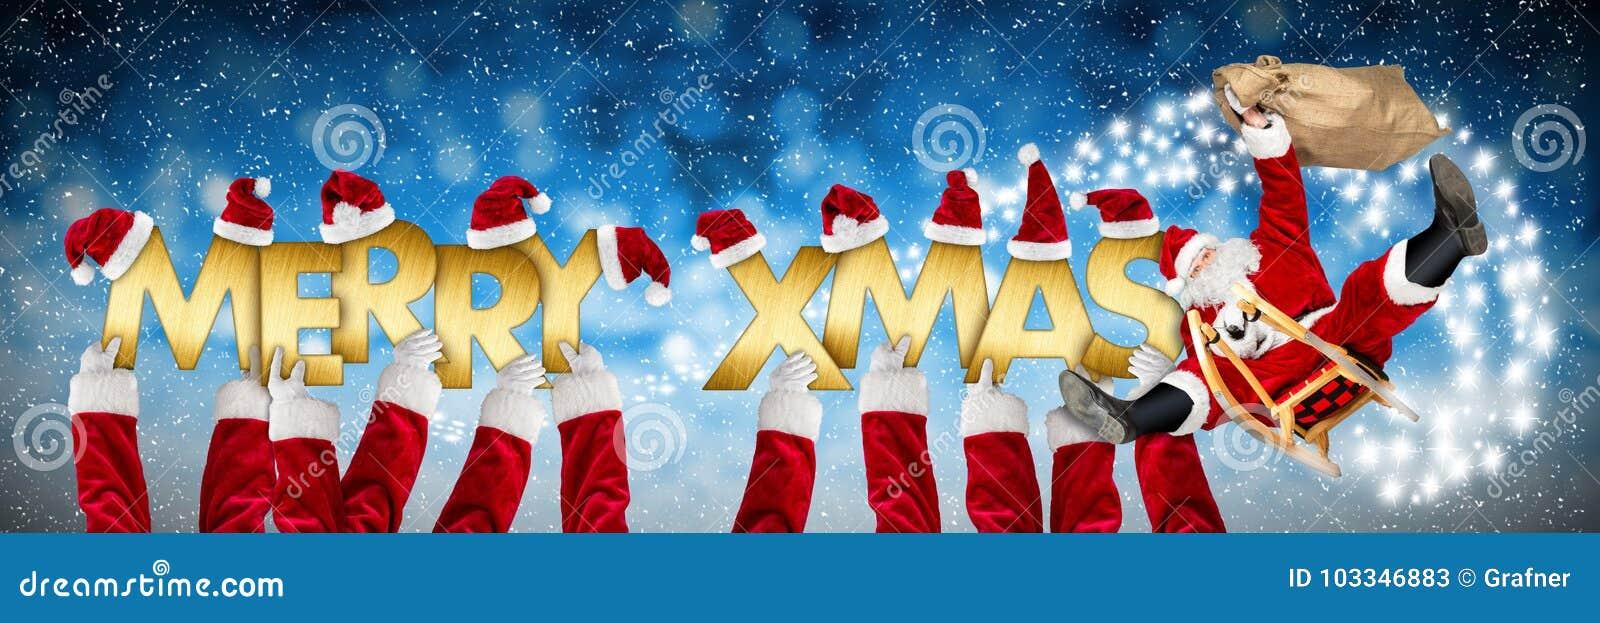 Foto Divertenti Di Buon Natale.Natale Di Buon Natale Che Accoglie Il Babbo Natale Divertente Sulla